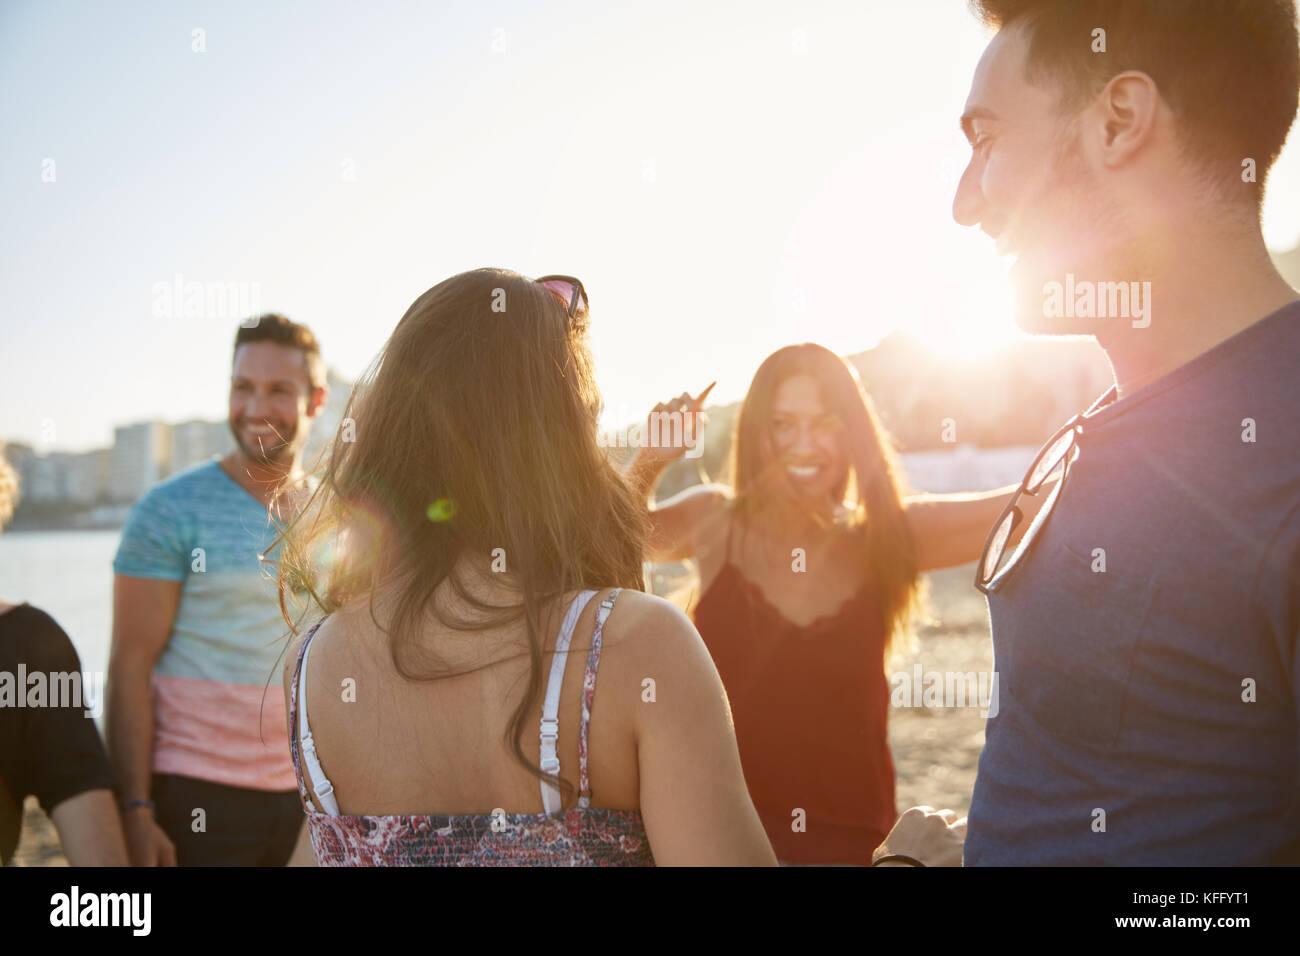 Retrato de grupo de amigos felices bailando en la playa Imagen De Stock